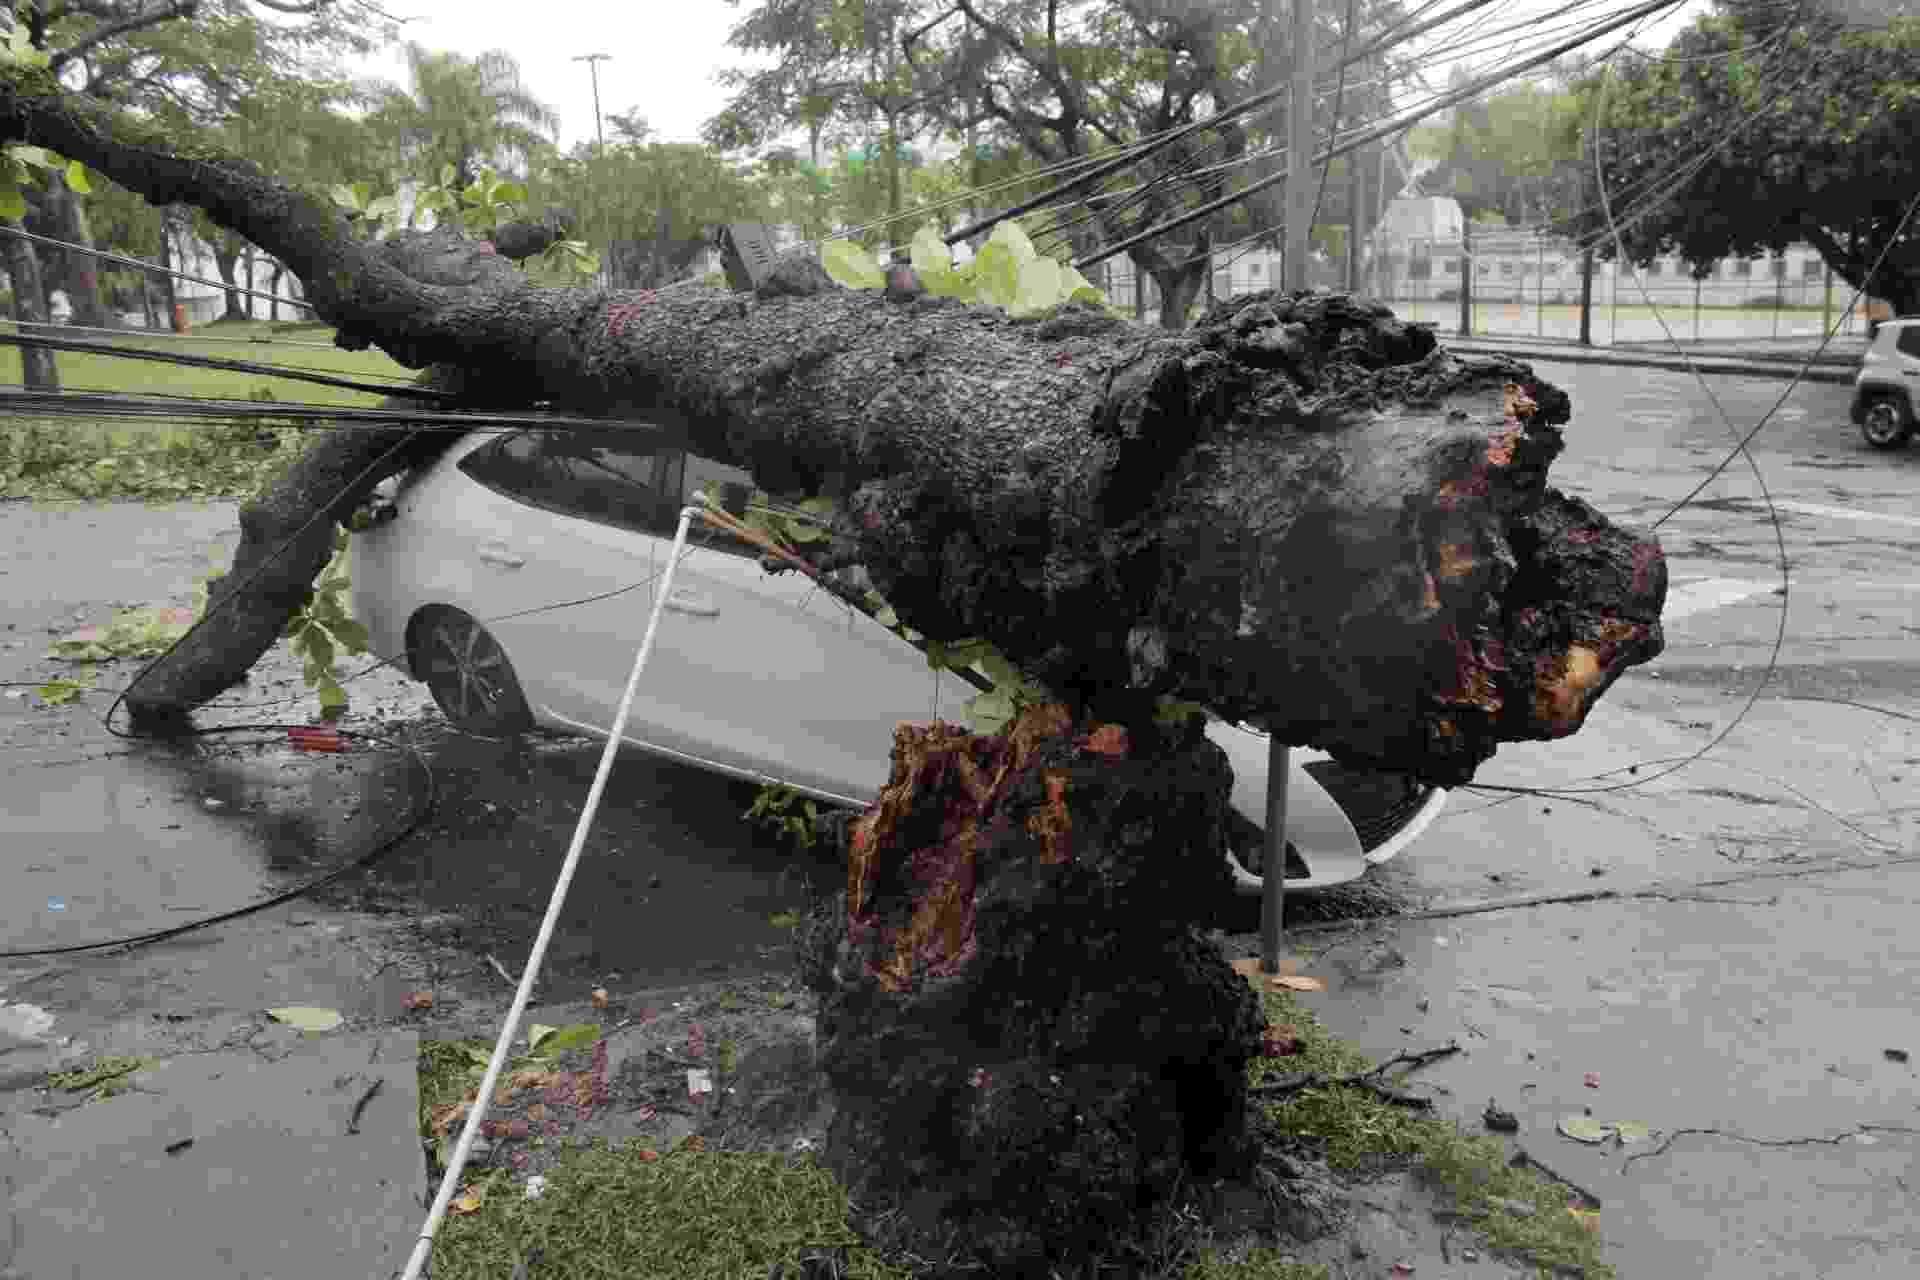 Árvore cai sobre carro no bairro de Sulacap, na Zona Oeste do Rio de Janeiro, após forte temporal - LUIZ GOMES/ESTADÃO CONTEÚDO